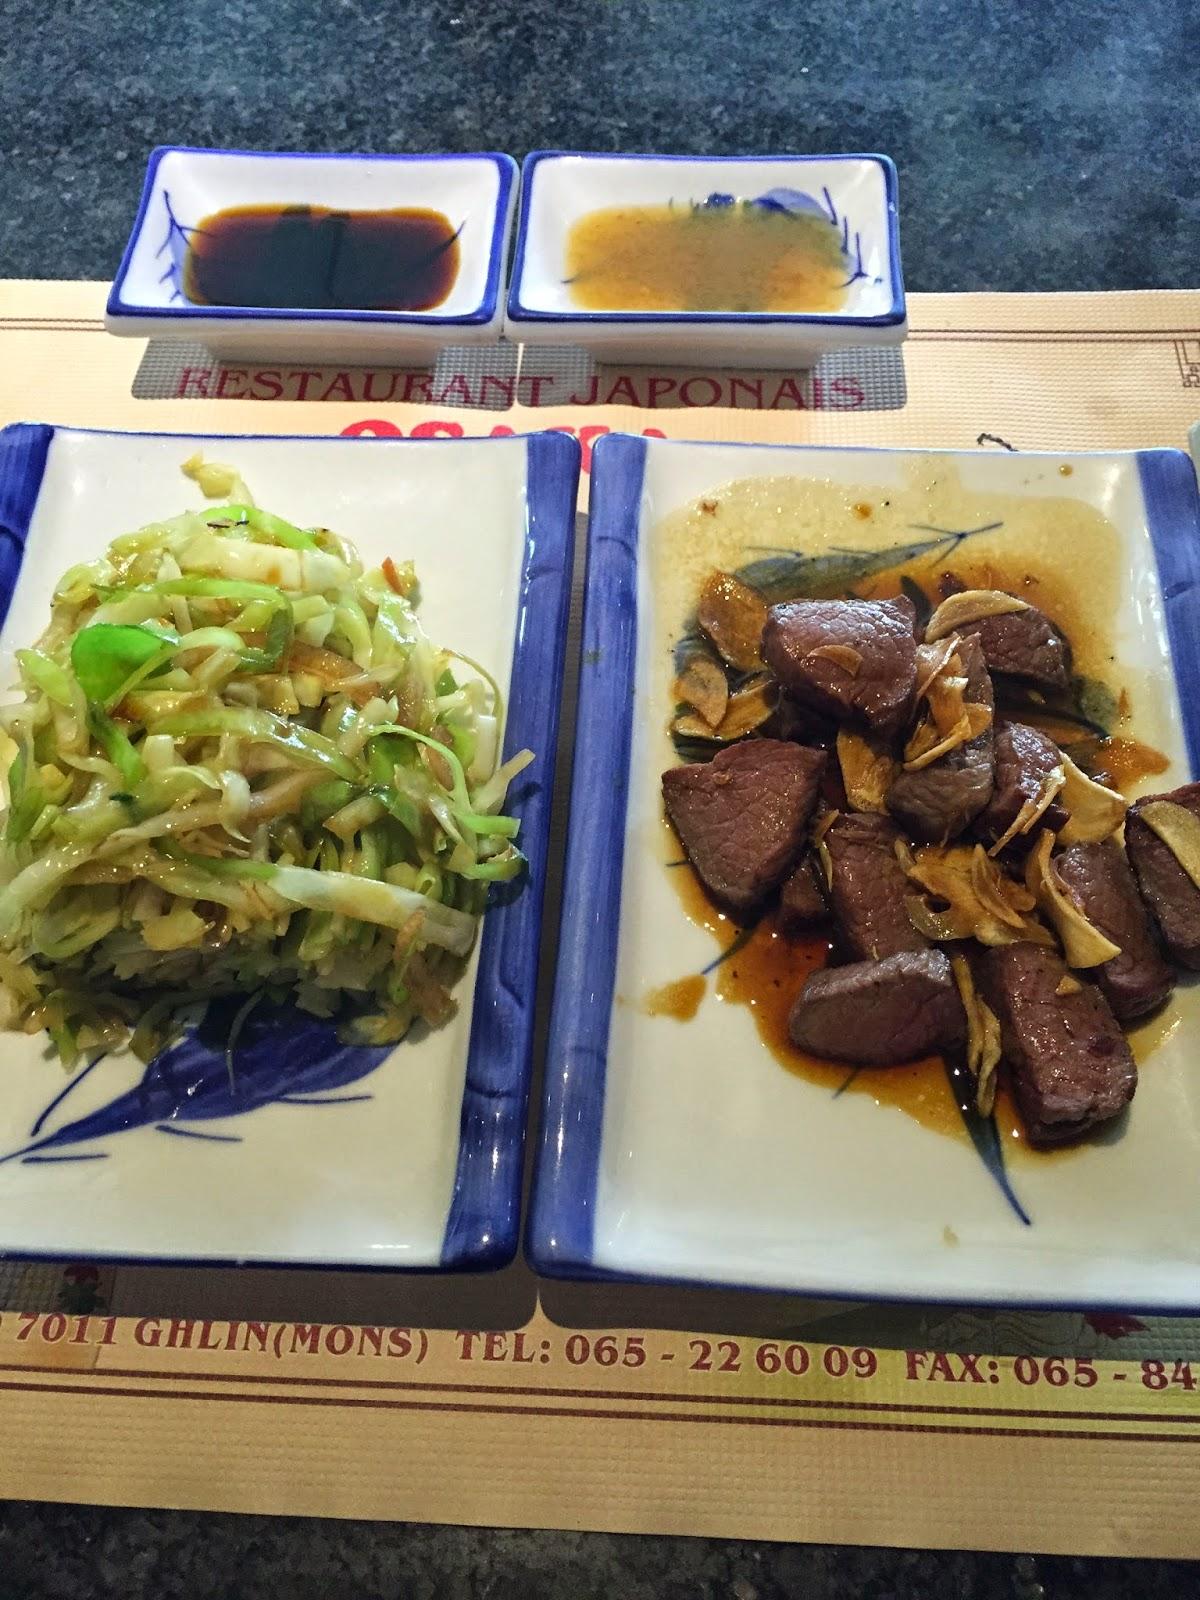 Restaurant Japonais Route De Neufchatel Bois Guillaume Avis